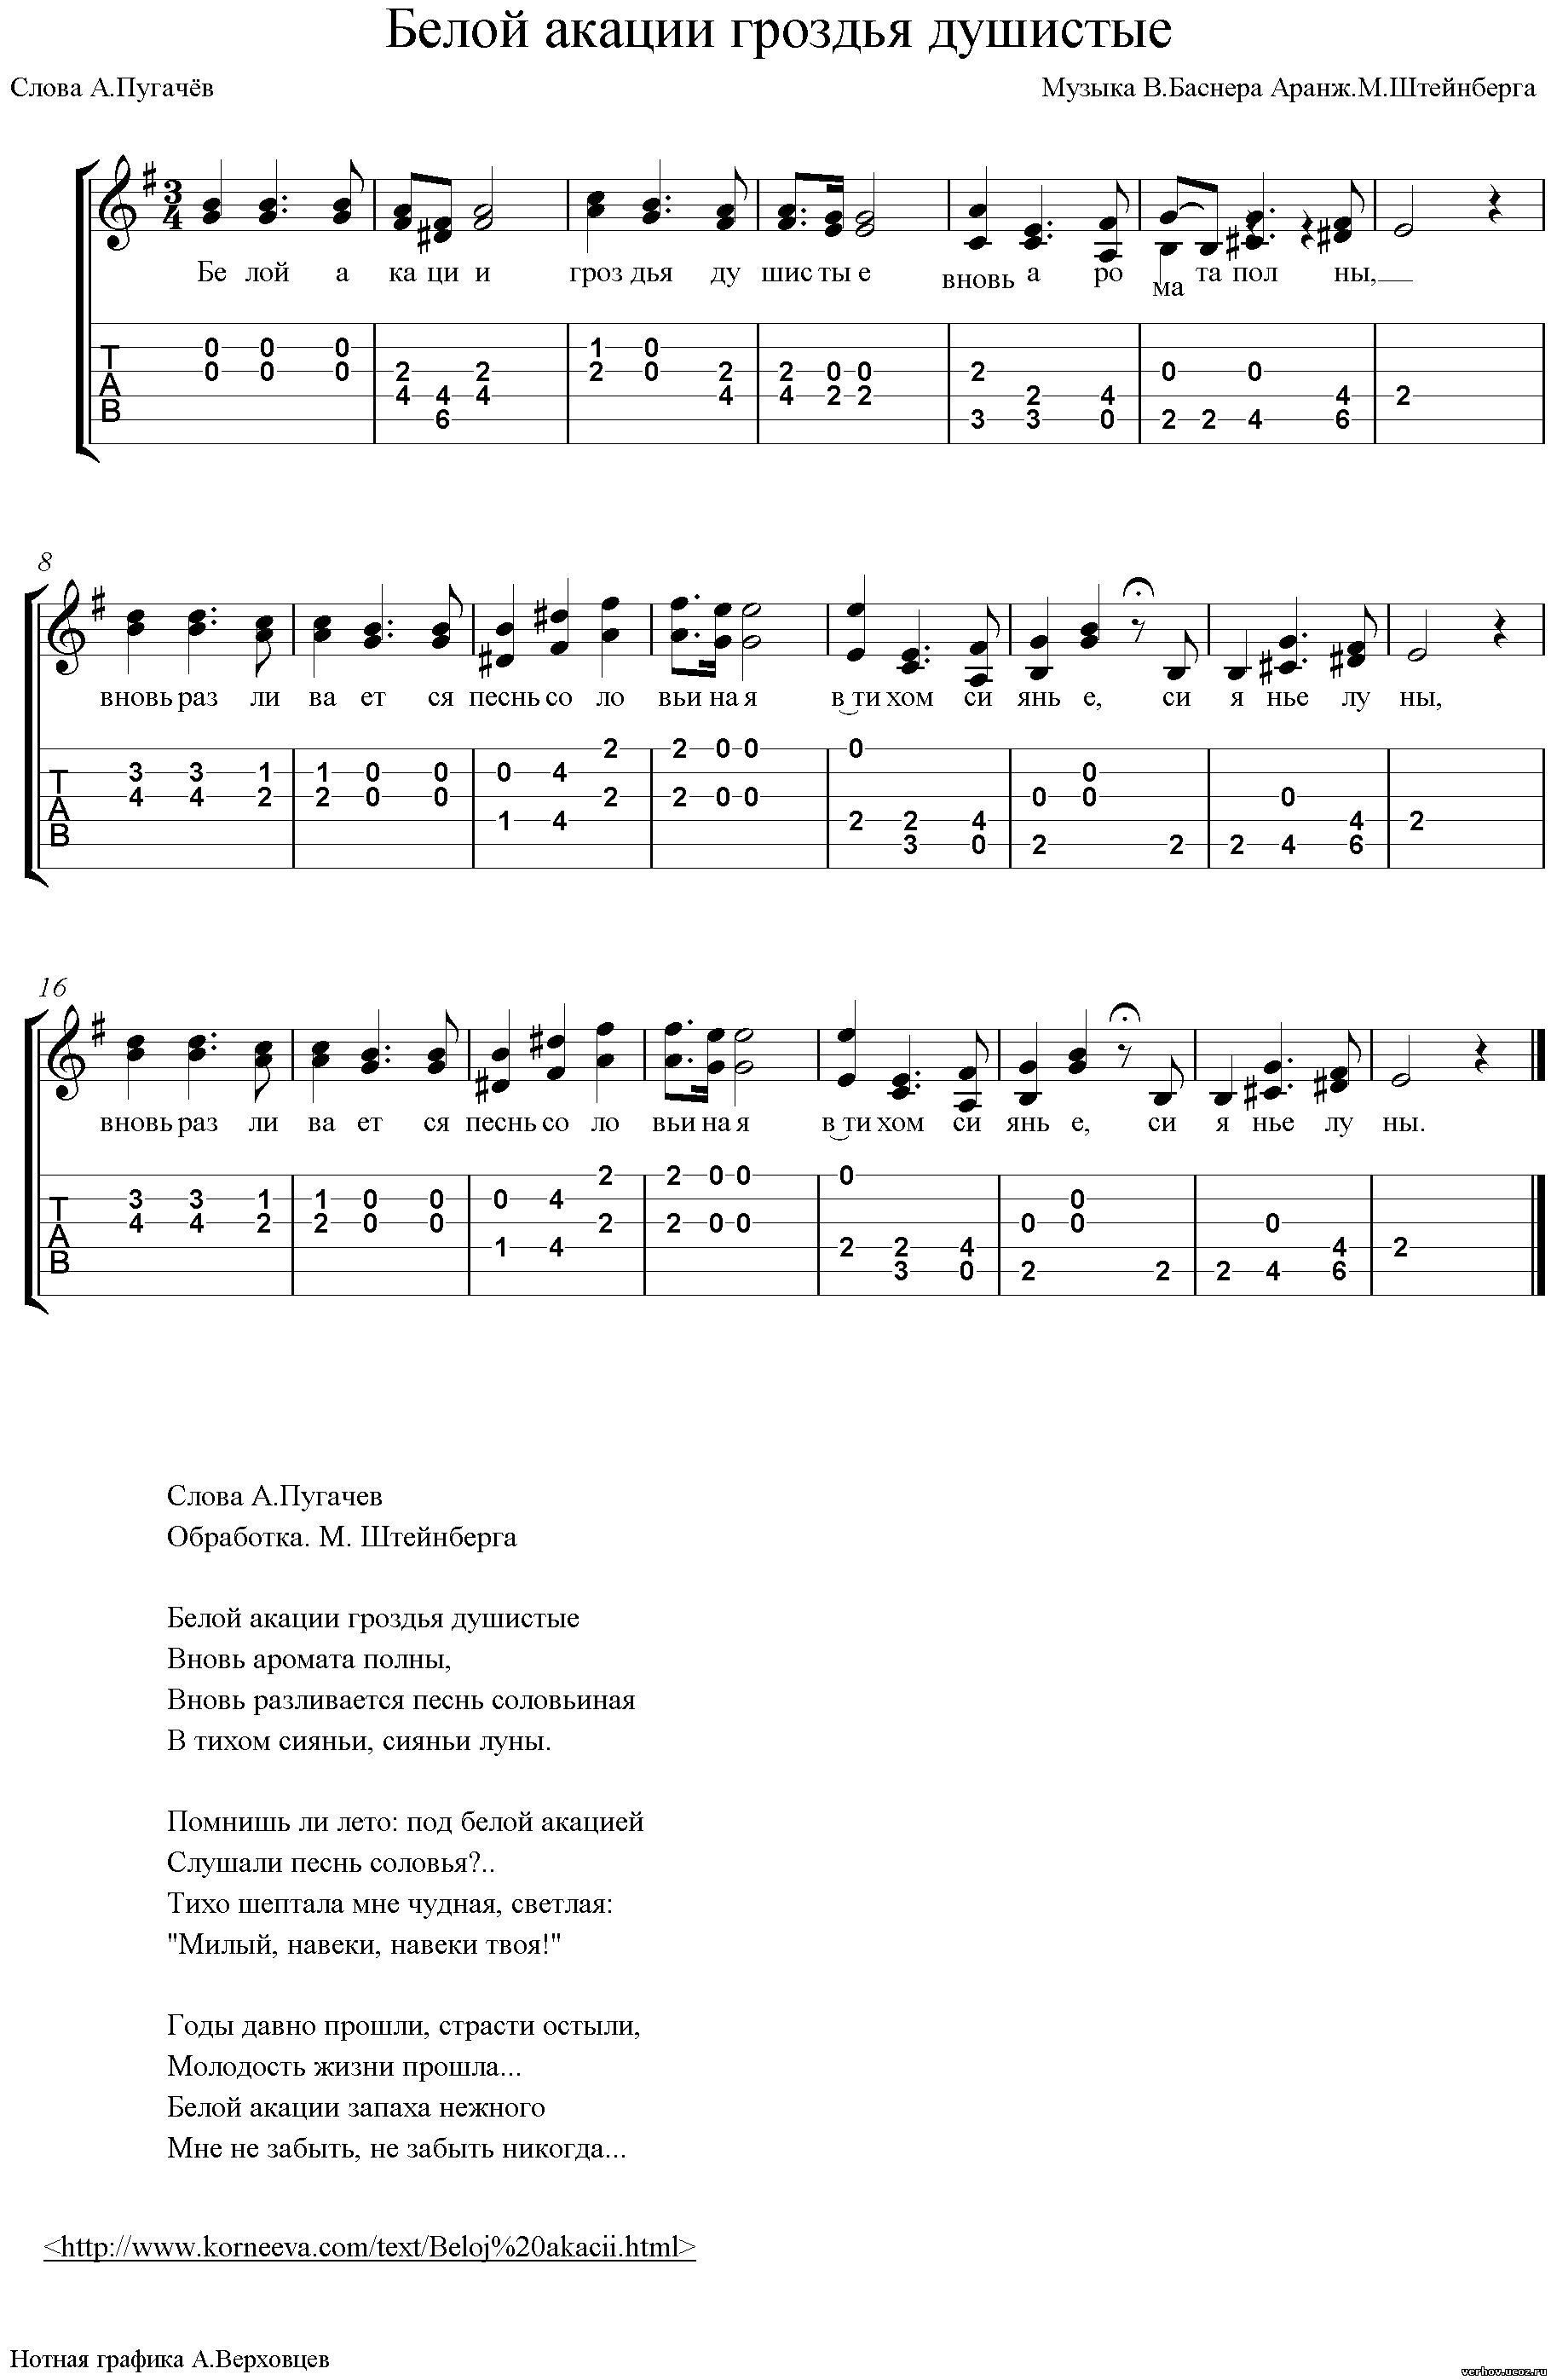 ПЕСНЯ ЛАНДЫШ ПОМНЮ В РОЩЕ СОЛОВЬИНОЙ СКАЧАТЬ БЕСПЛАТНО